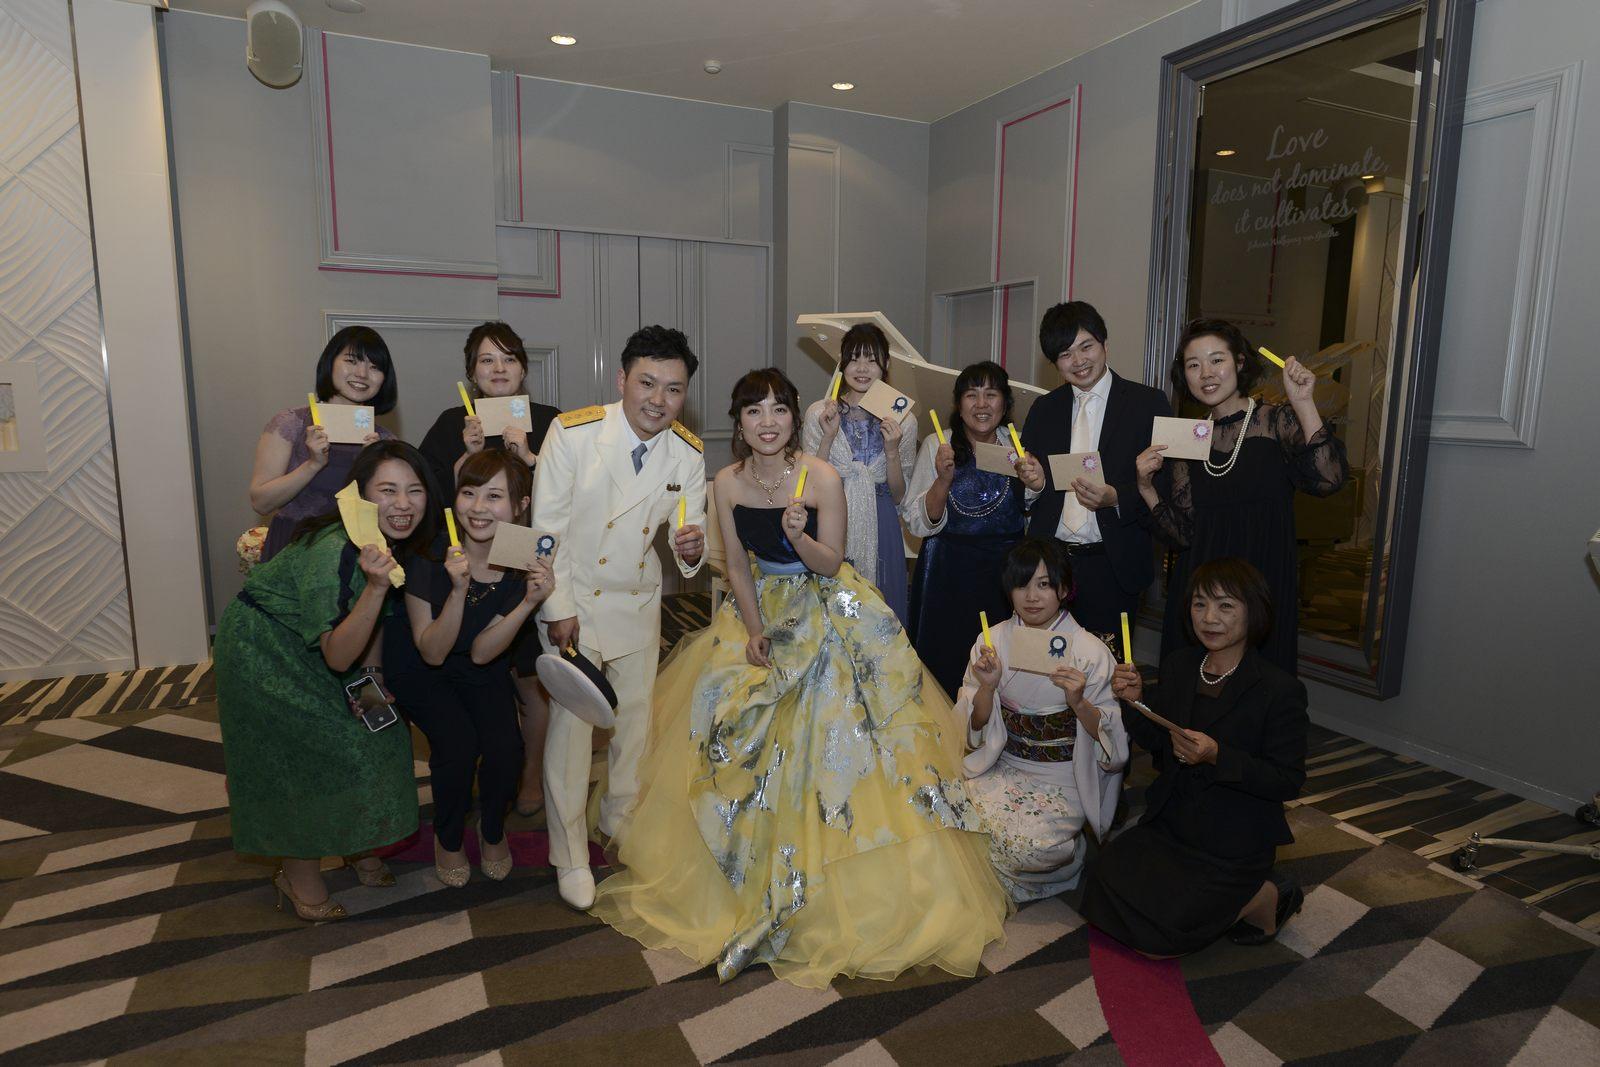 徳島市の結婚式場ブランアンジュでプレゼントをもらったゲスト様と記念写真